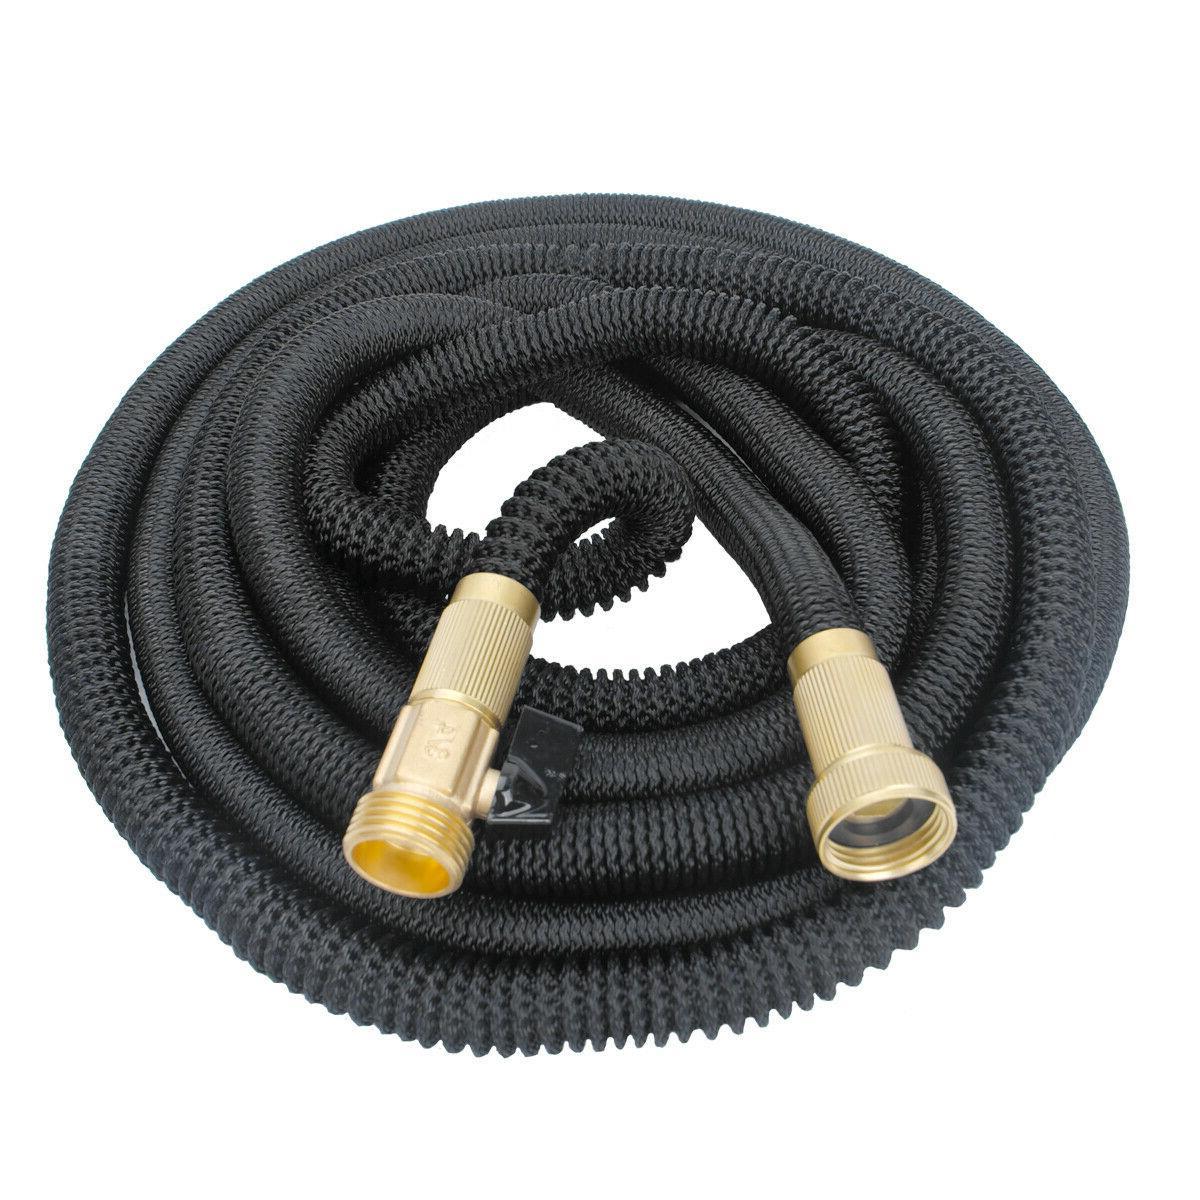 Garden Hose Retractible Pipe Nozzle